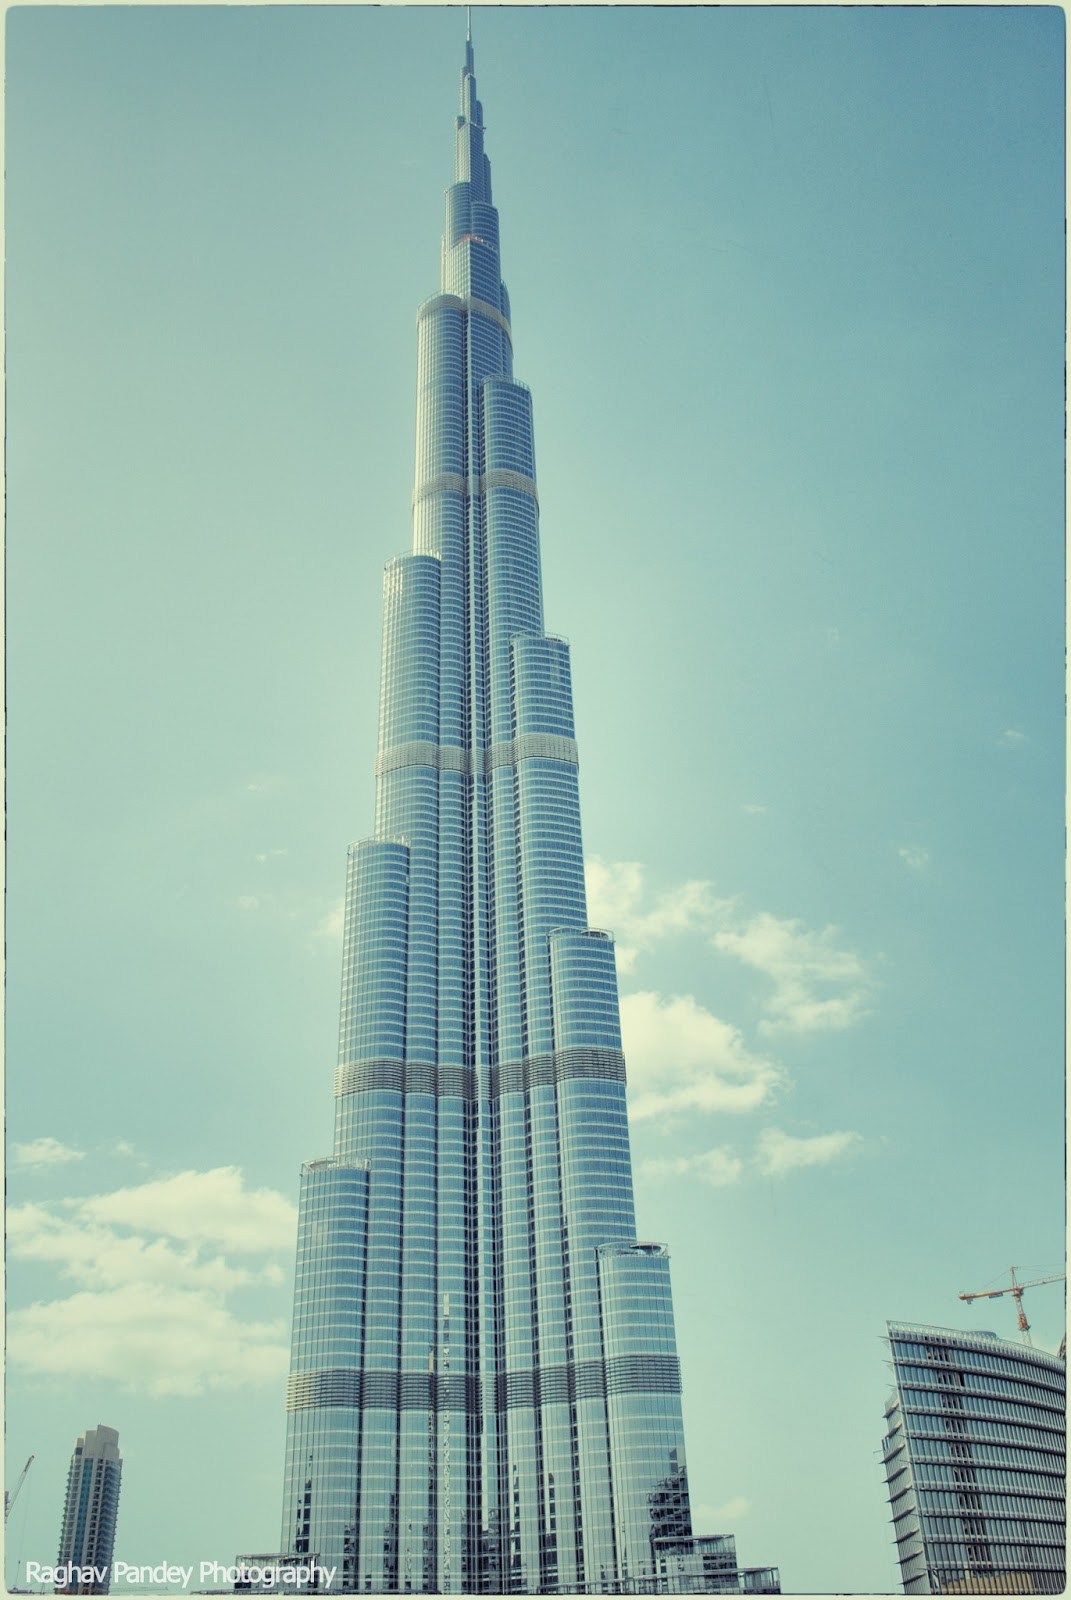 Burj khalifa tall dubai raghav pandey photography for Best at dubai